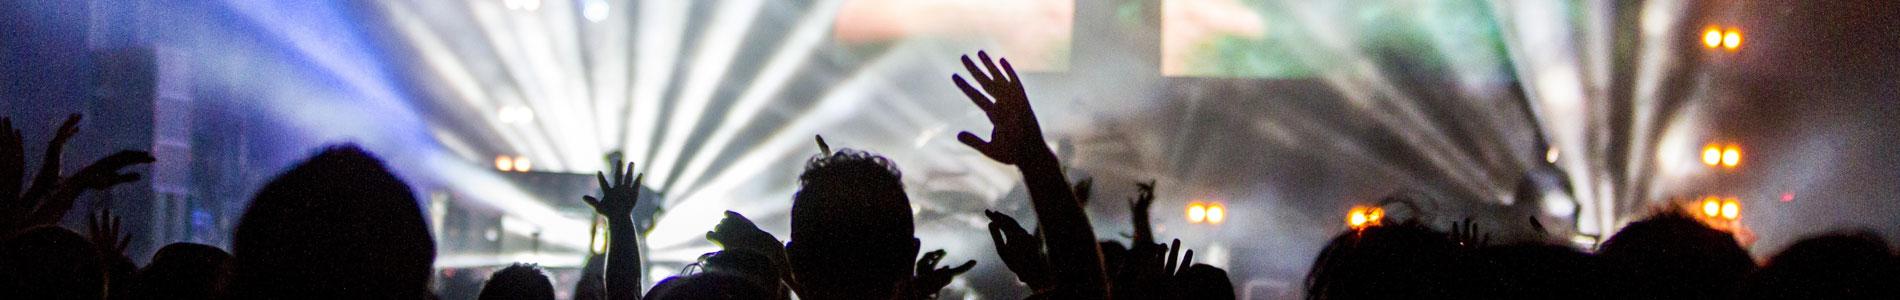 concert-pubblilevel-1